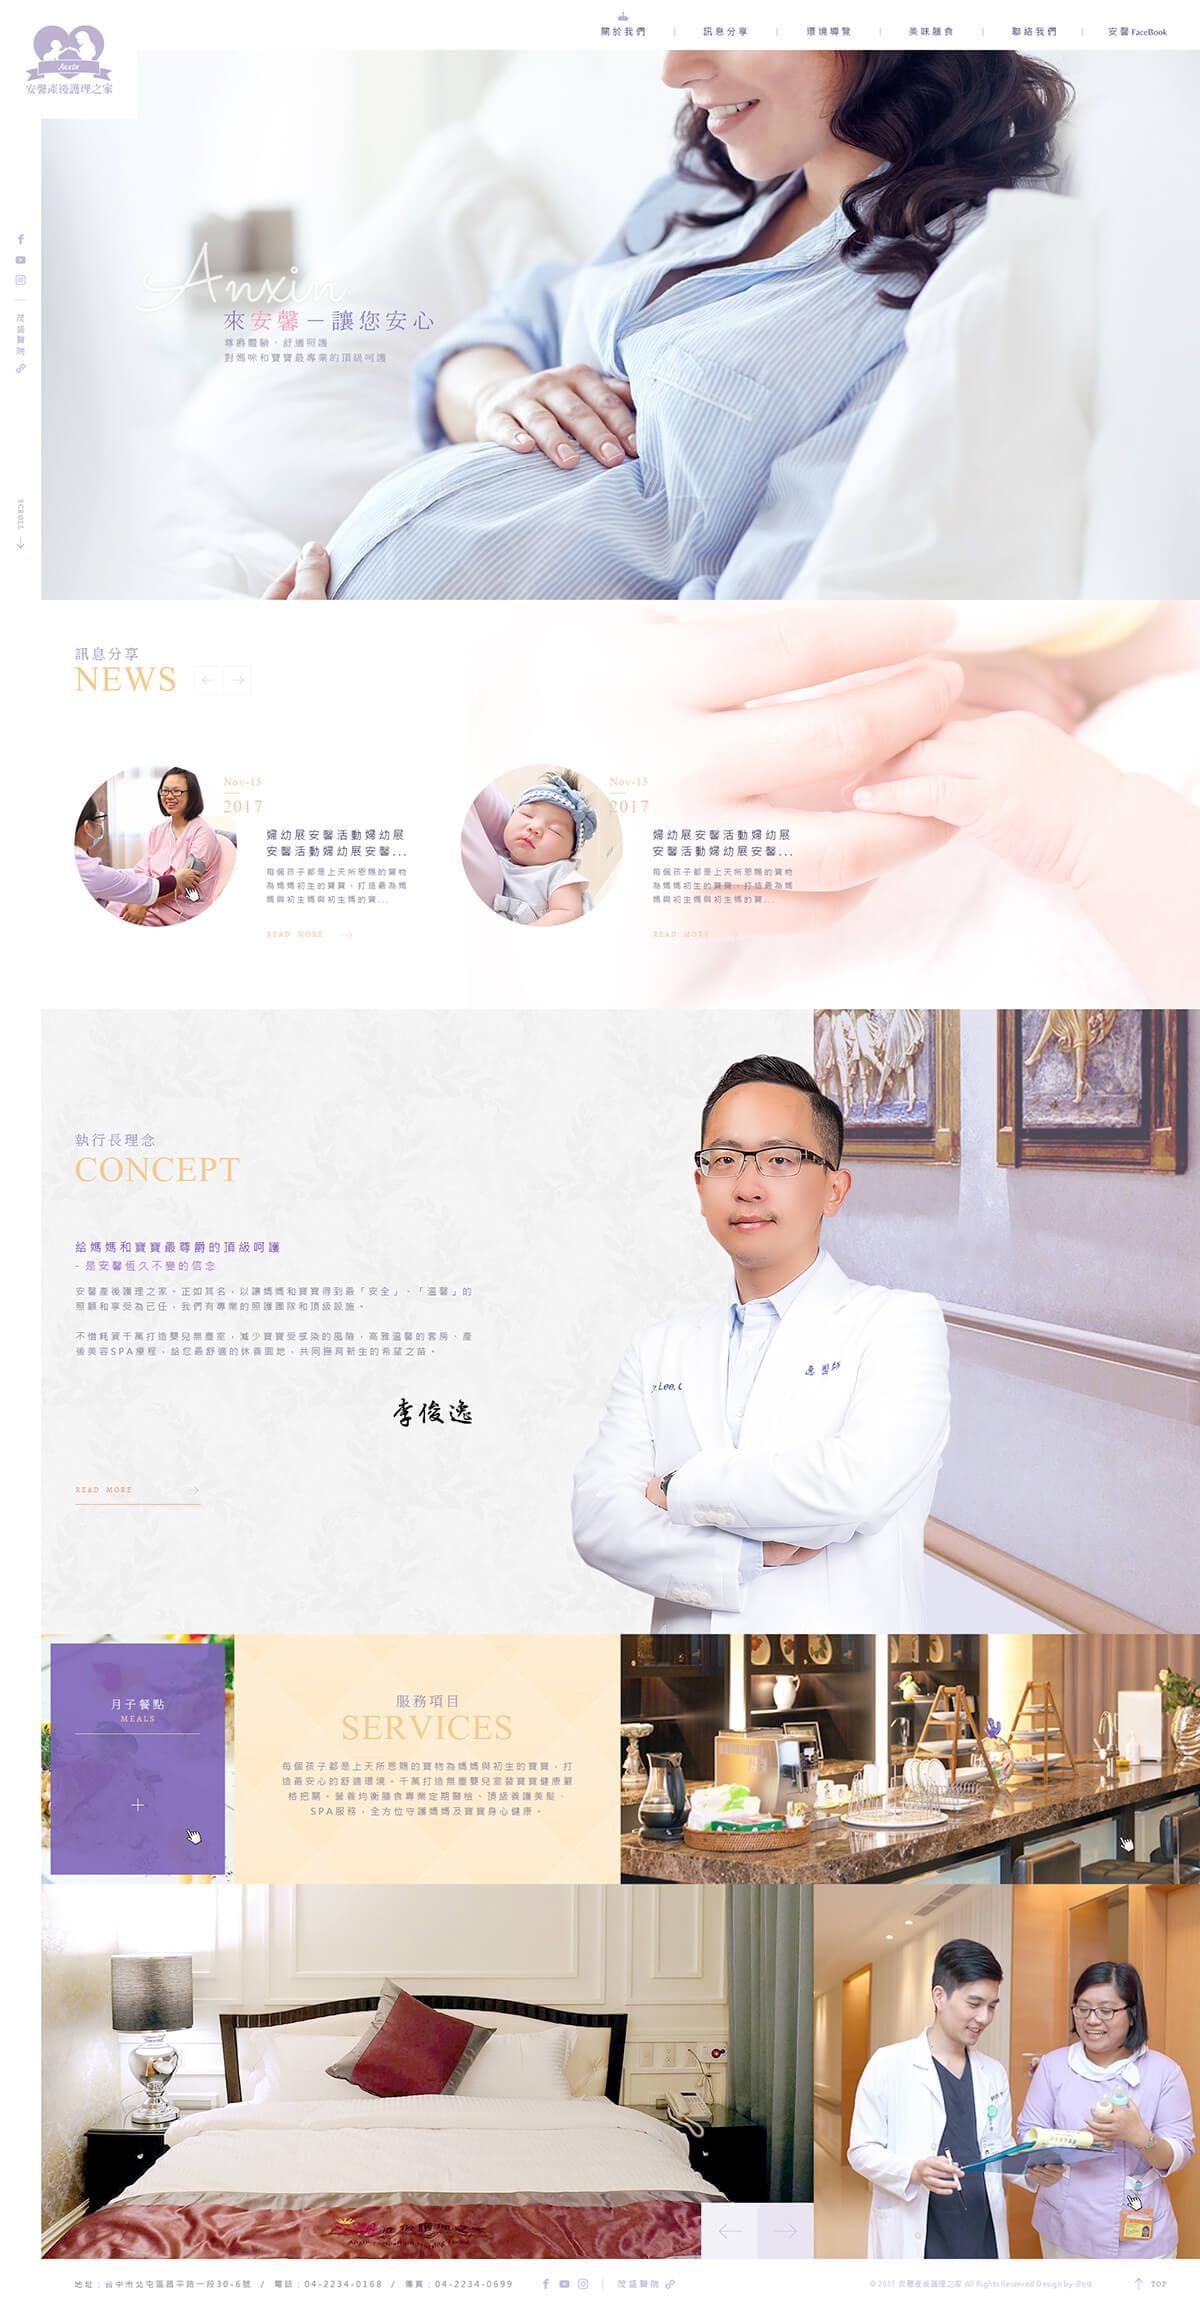 安馨產後護理之家-網頁設計